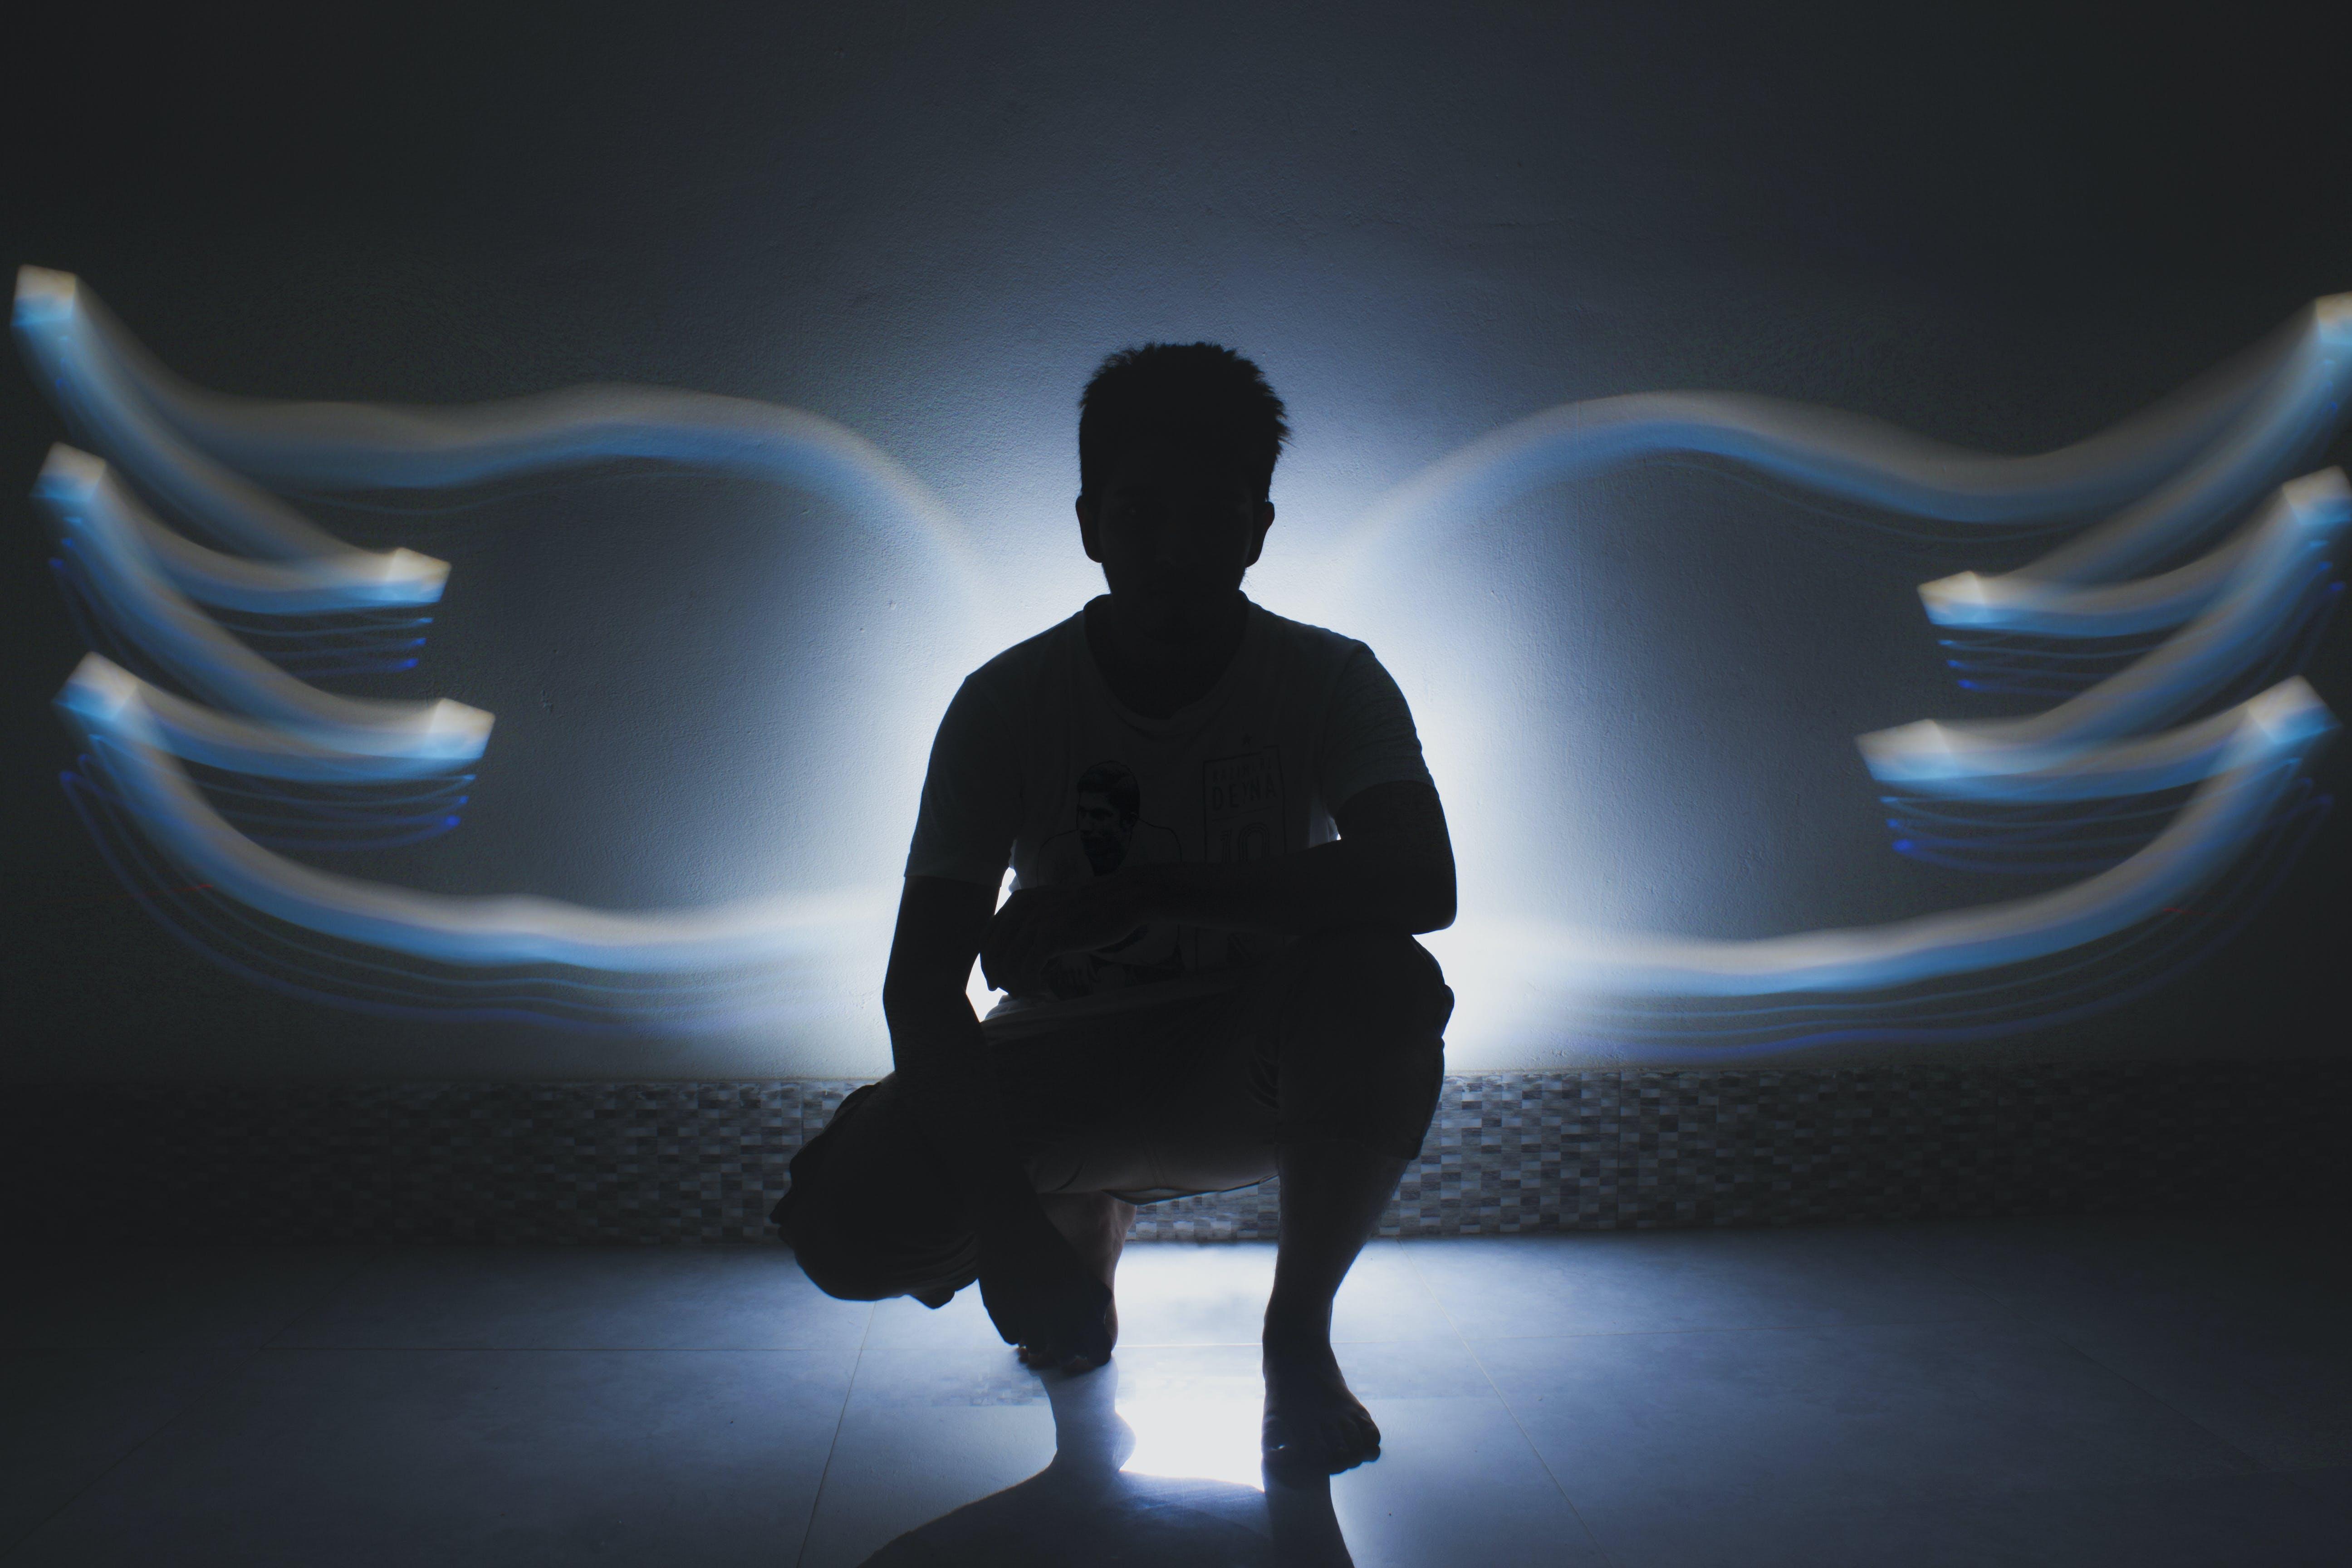 Gratis lagerfoto af Dreng, fotografi, lightpainting, vinkel